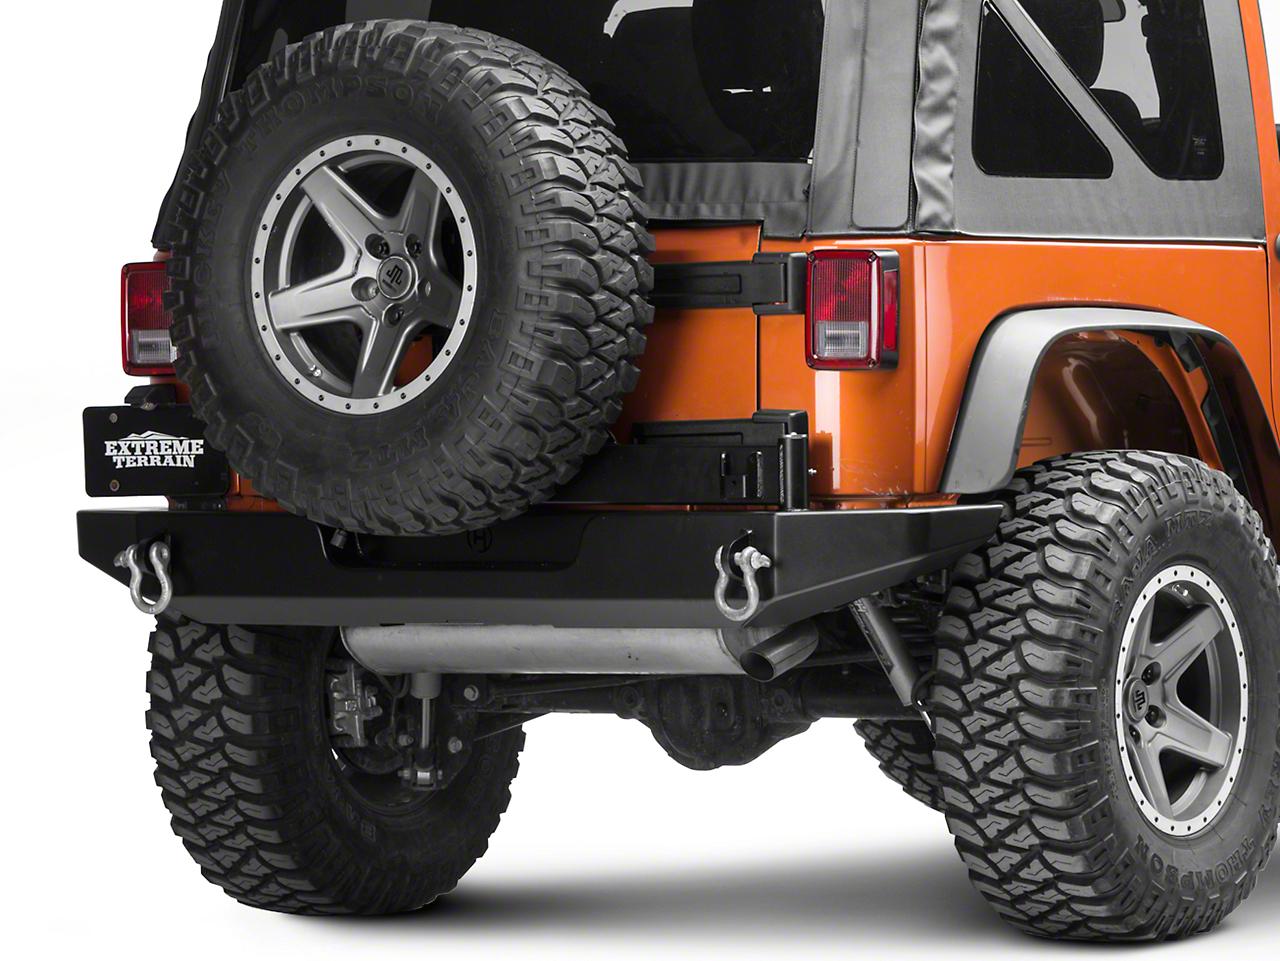 Hyline Offroad Rear Bumper w/ Tire Carrier (07-18 Jeep Wrangler JK)